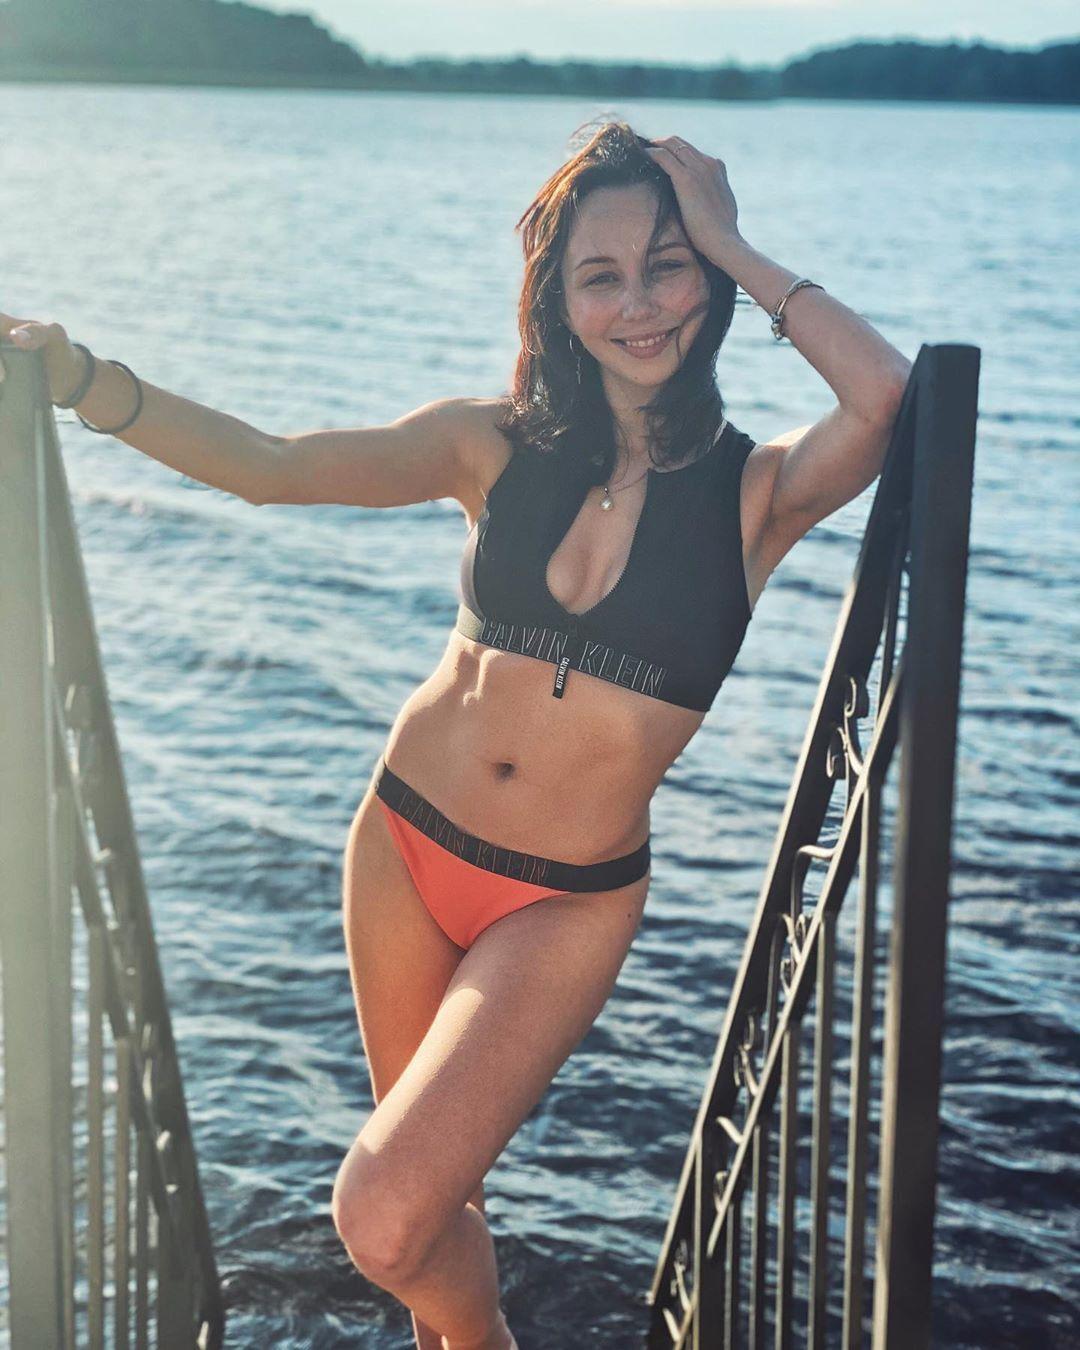 Єлизавета Туктамишева похвалилася фігурою купальнику